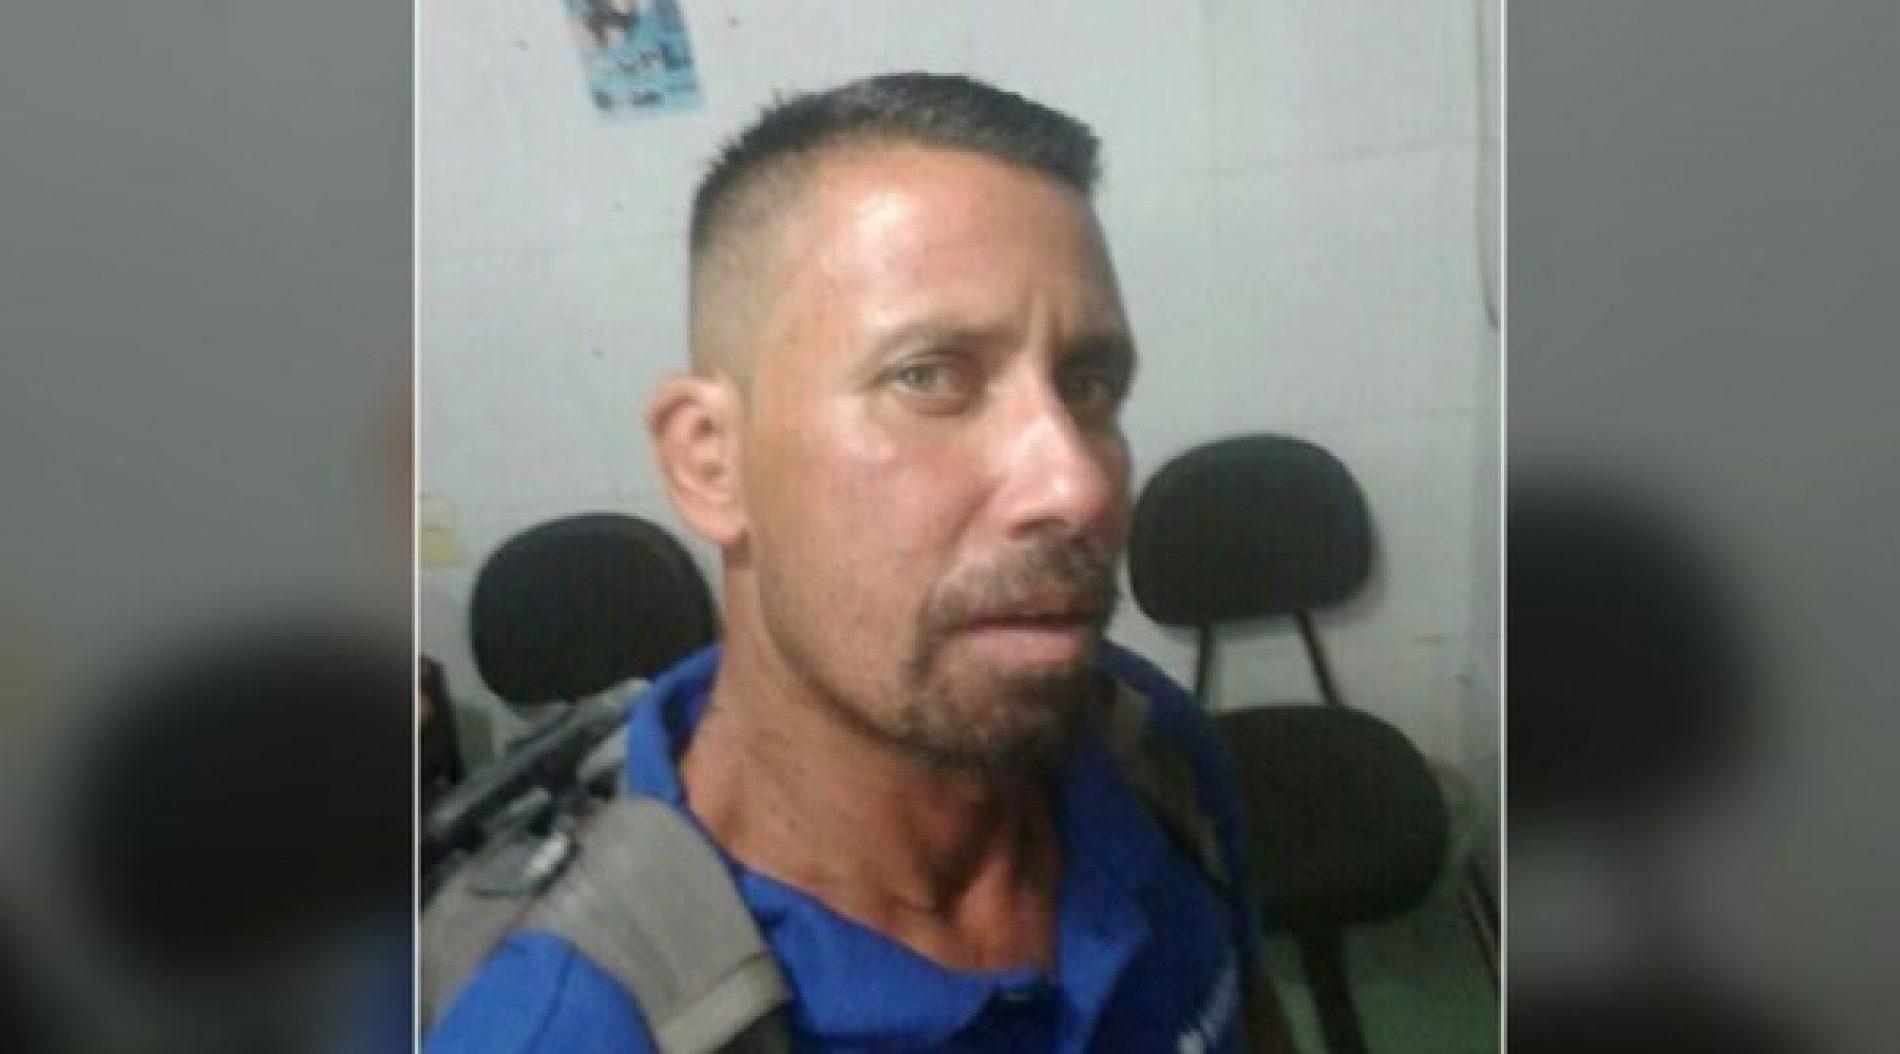 REGIÃO: Ex-padrasto vira réu por morte de menina de 10 anos com 60 facadas